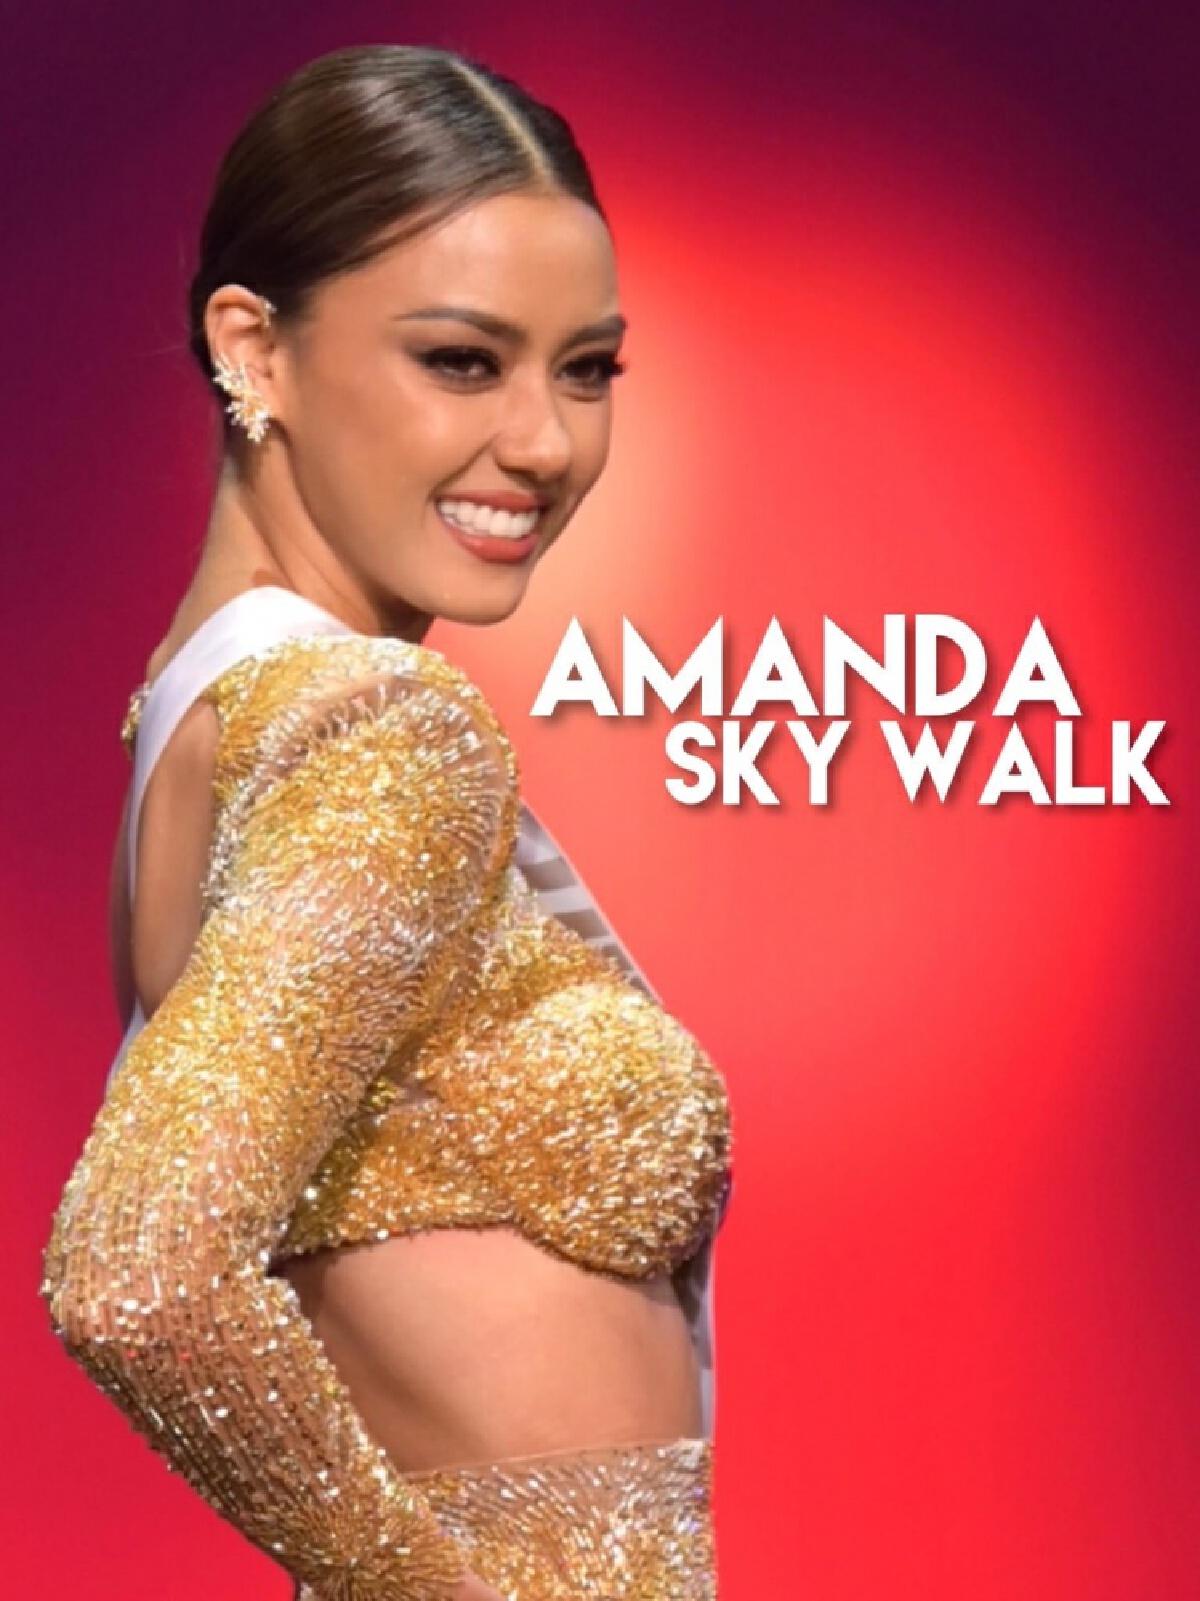 """เปิดเบื้องหลังของท่า """"Amanda Sky Walk""""  จากปากโค้ช """"ลูกเกด เมทินี"""